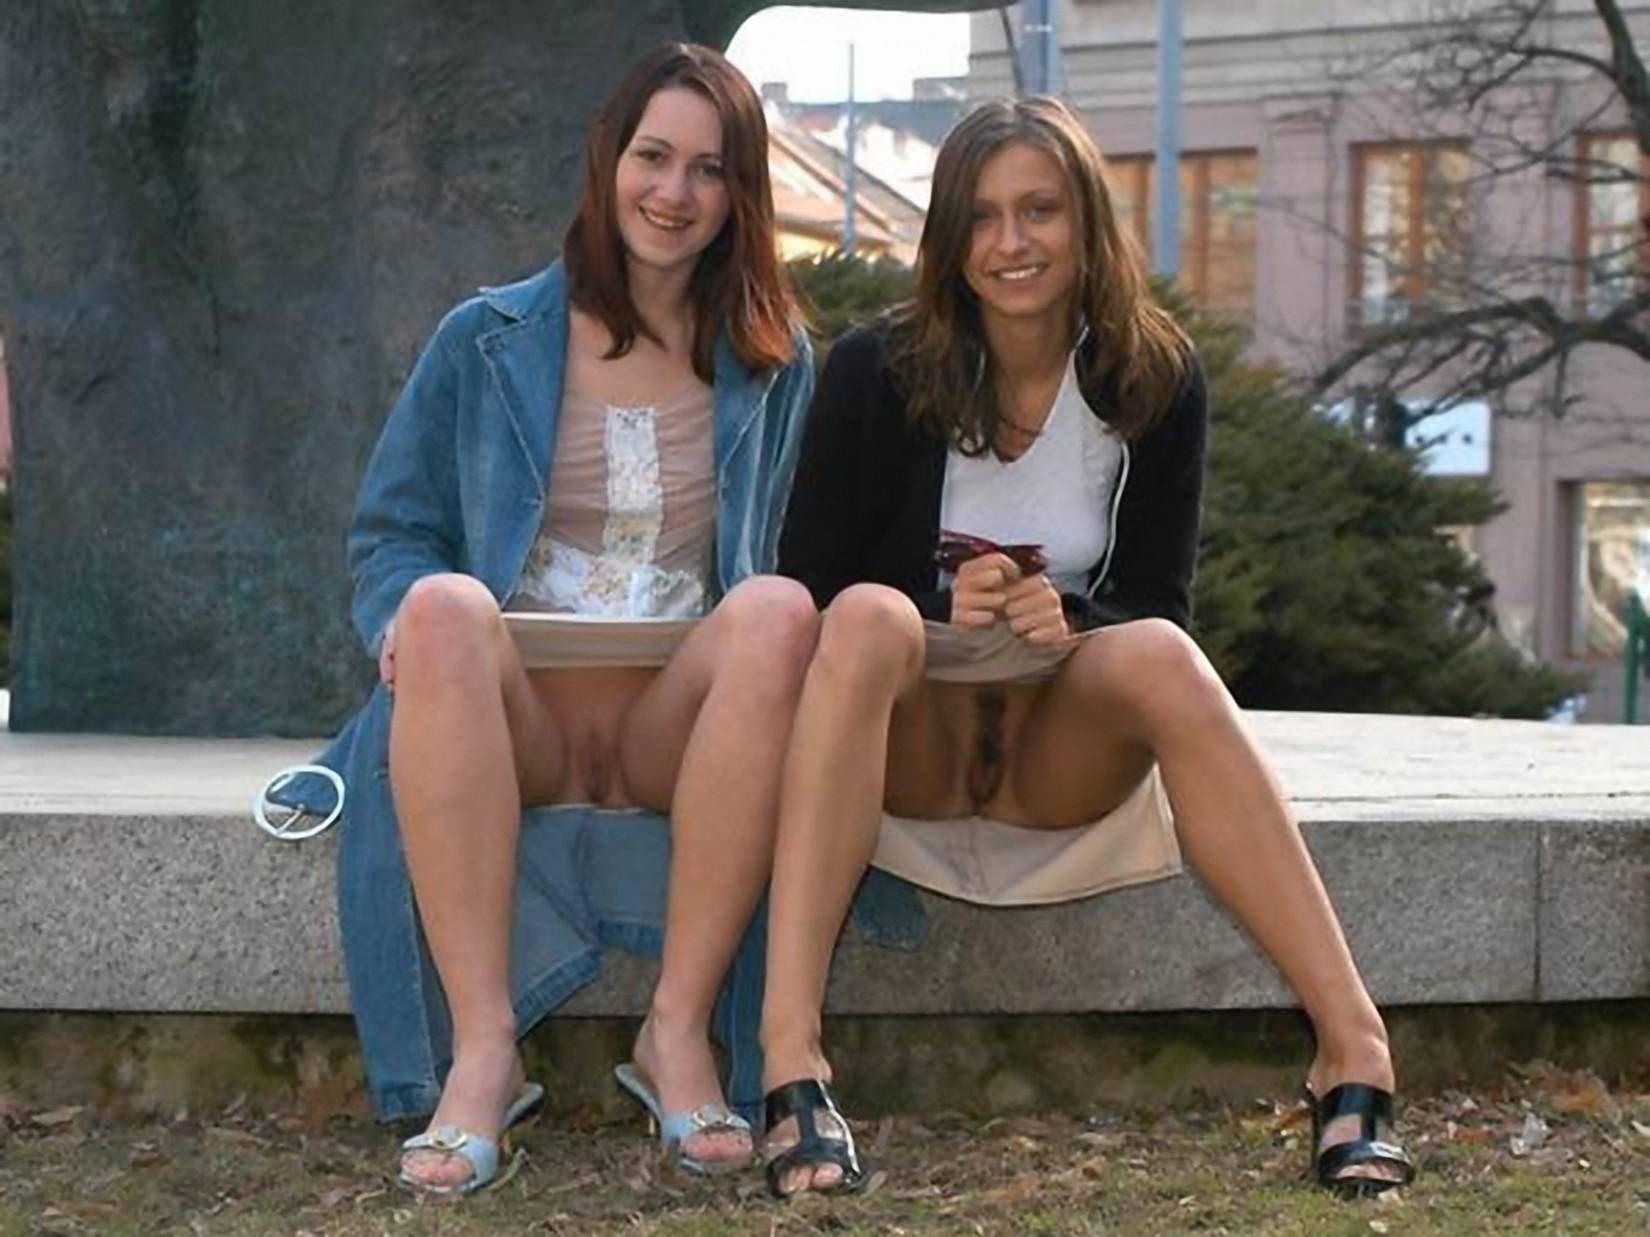 Фото девушки показывают трусы 23 фотография